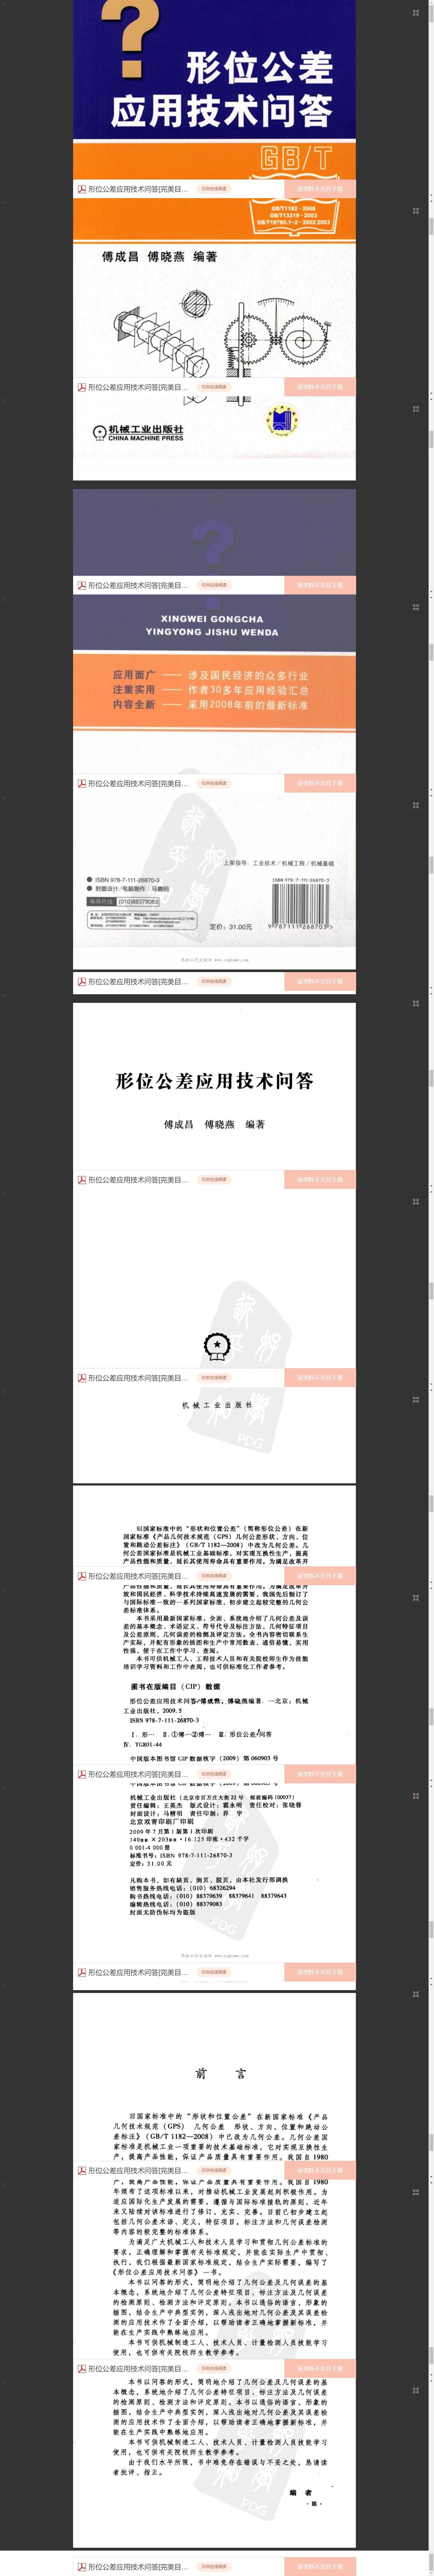 [书籍]几何公差应用技术问答_第2版.pdf插图1-泛设计